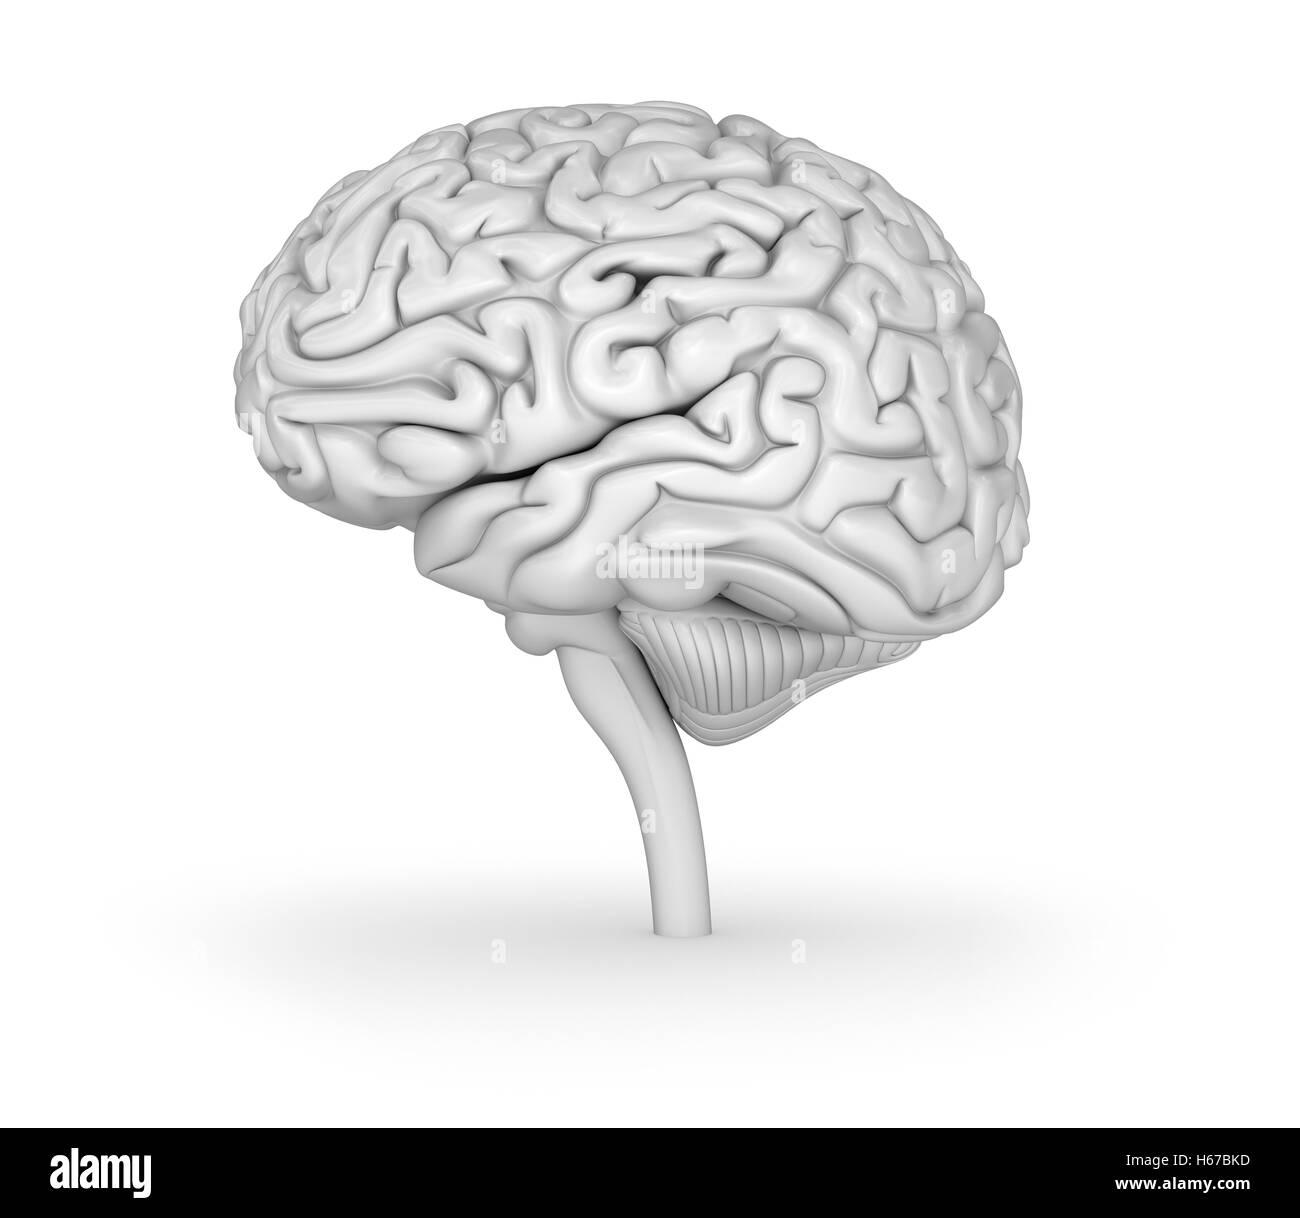 Erfreut Markierte Diagramme Des Gehirns Ideen - Menschliche Anatomie ...